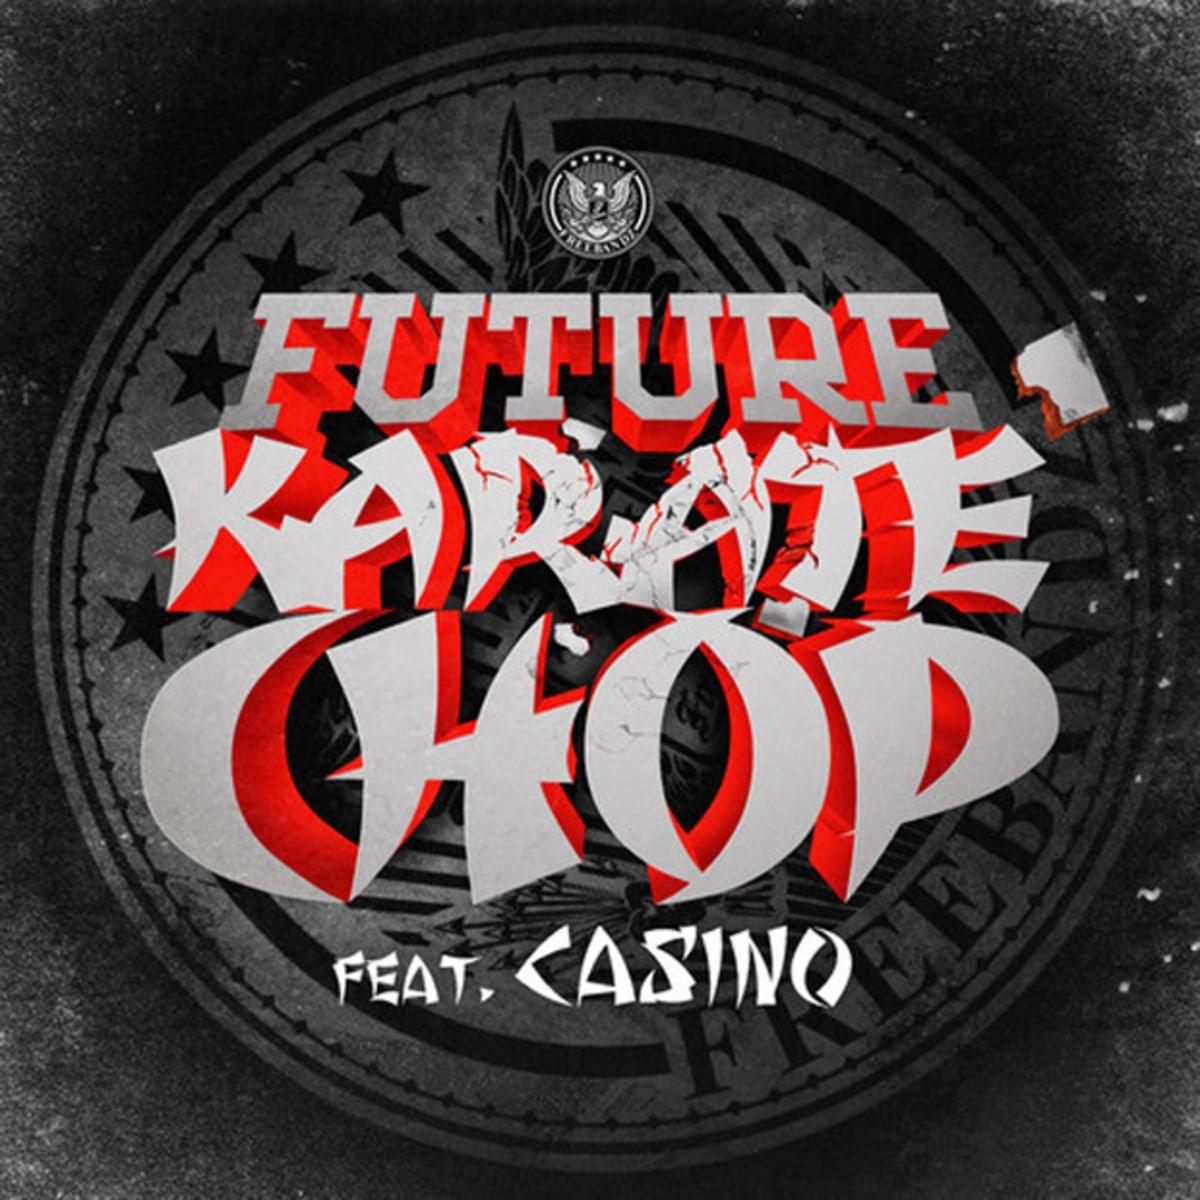 casino future